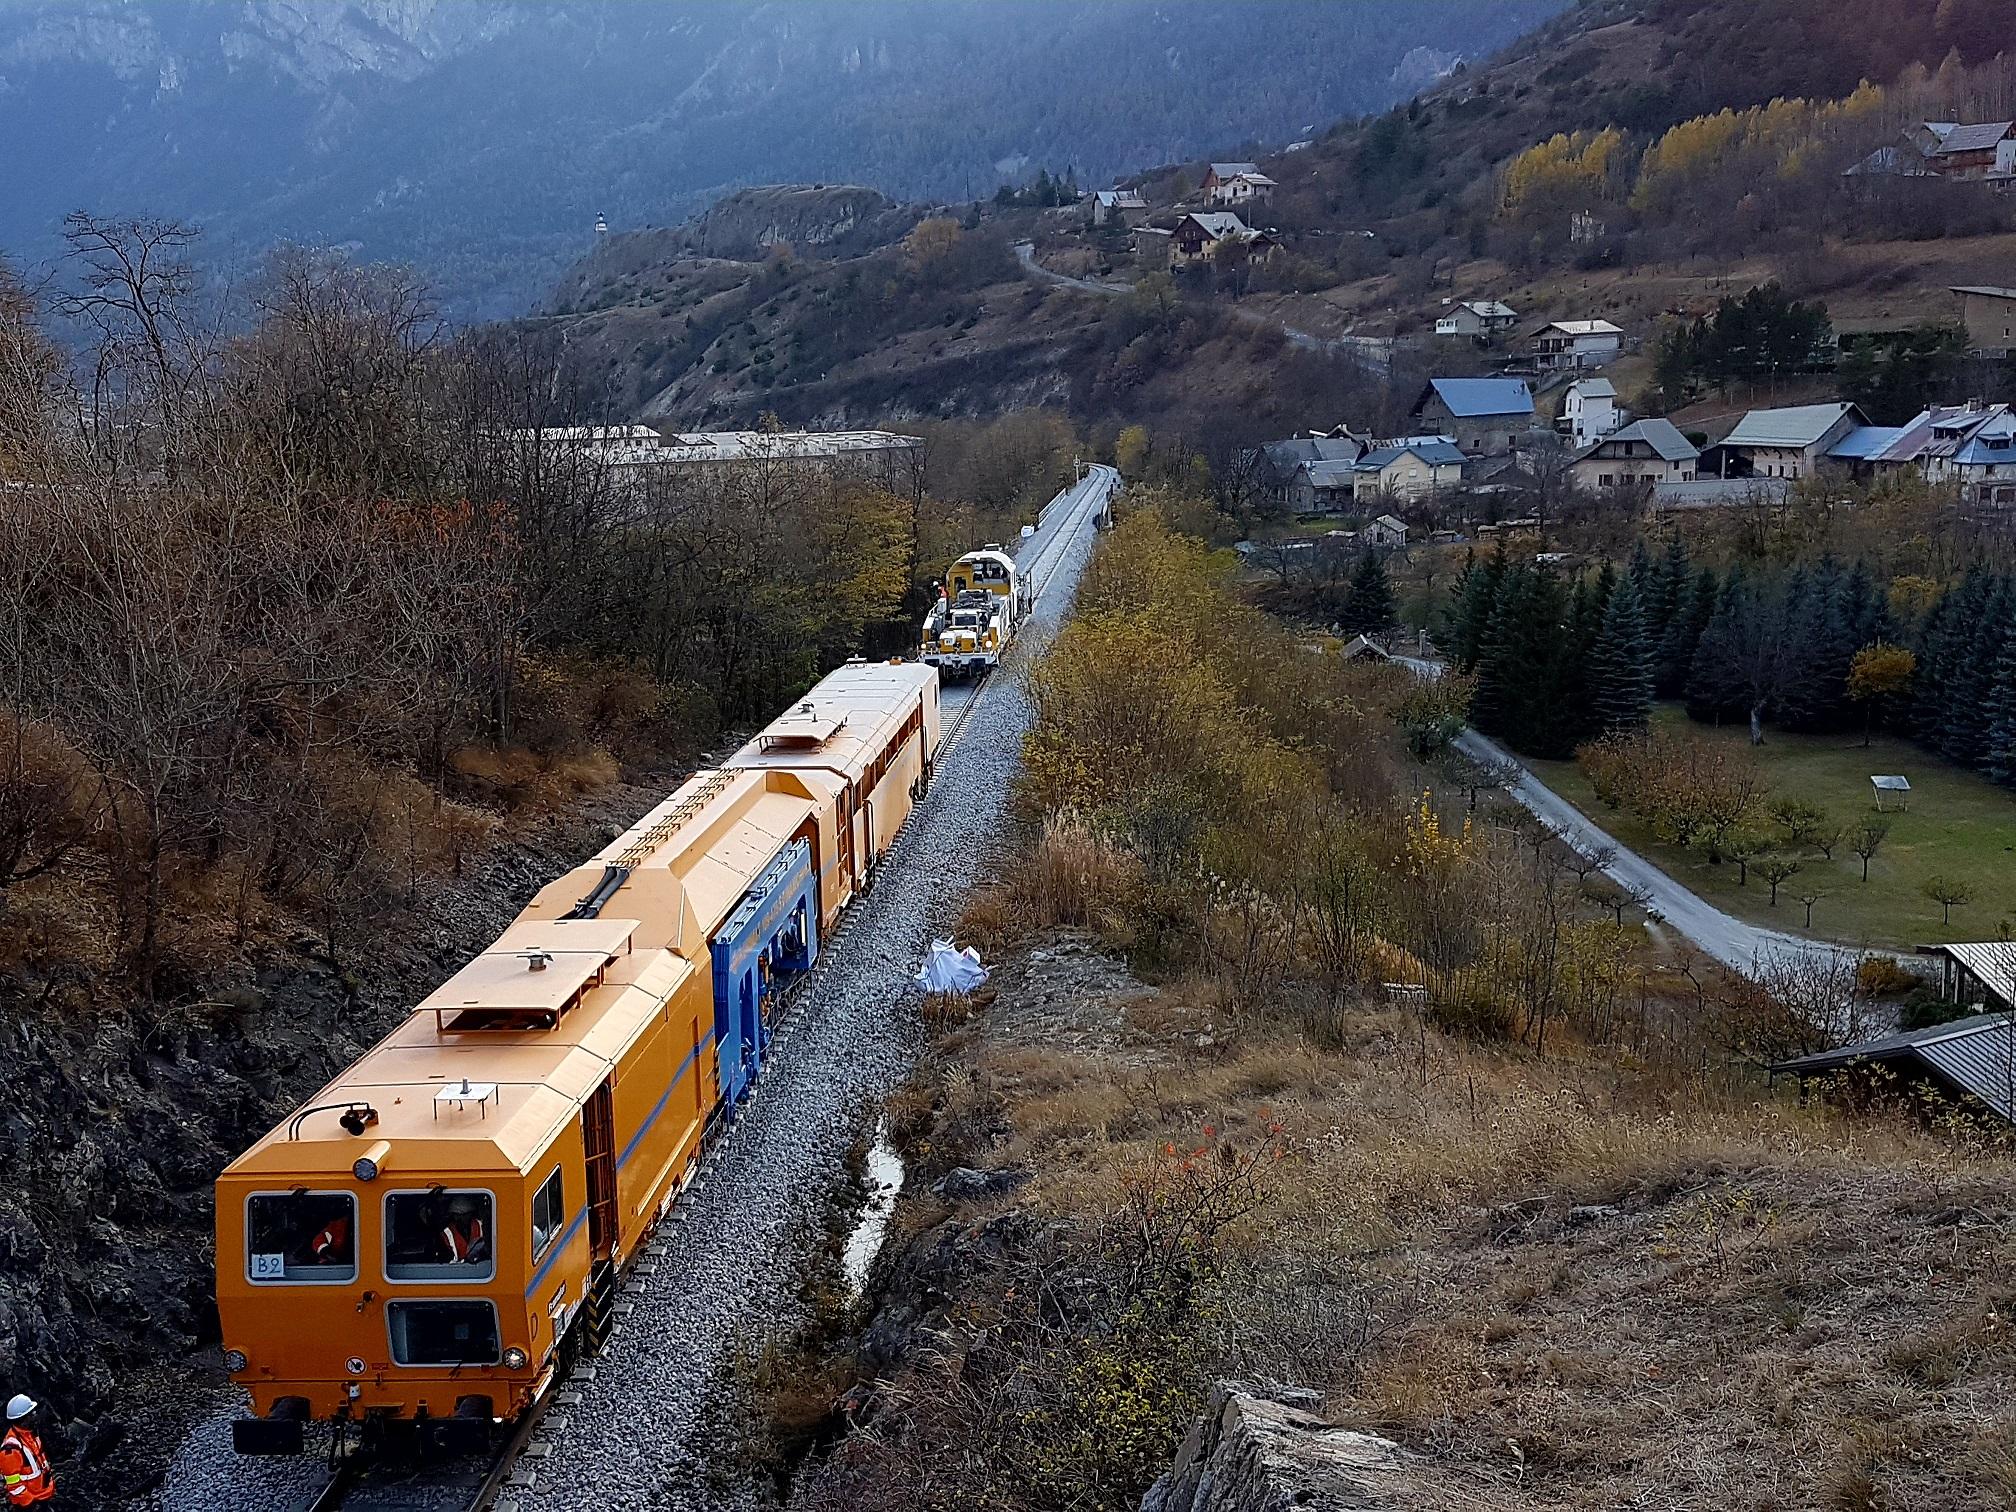 Le train est assurément un sujet fédérateur dans les Hautes-Alpes